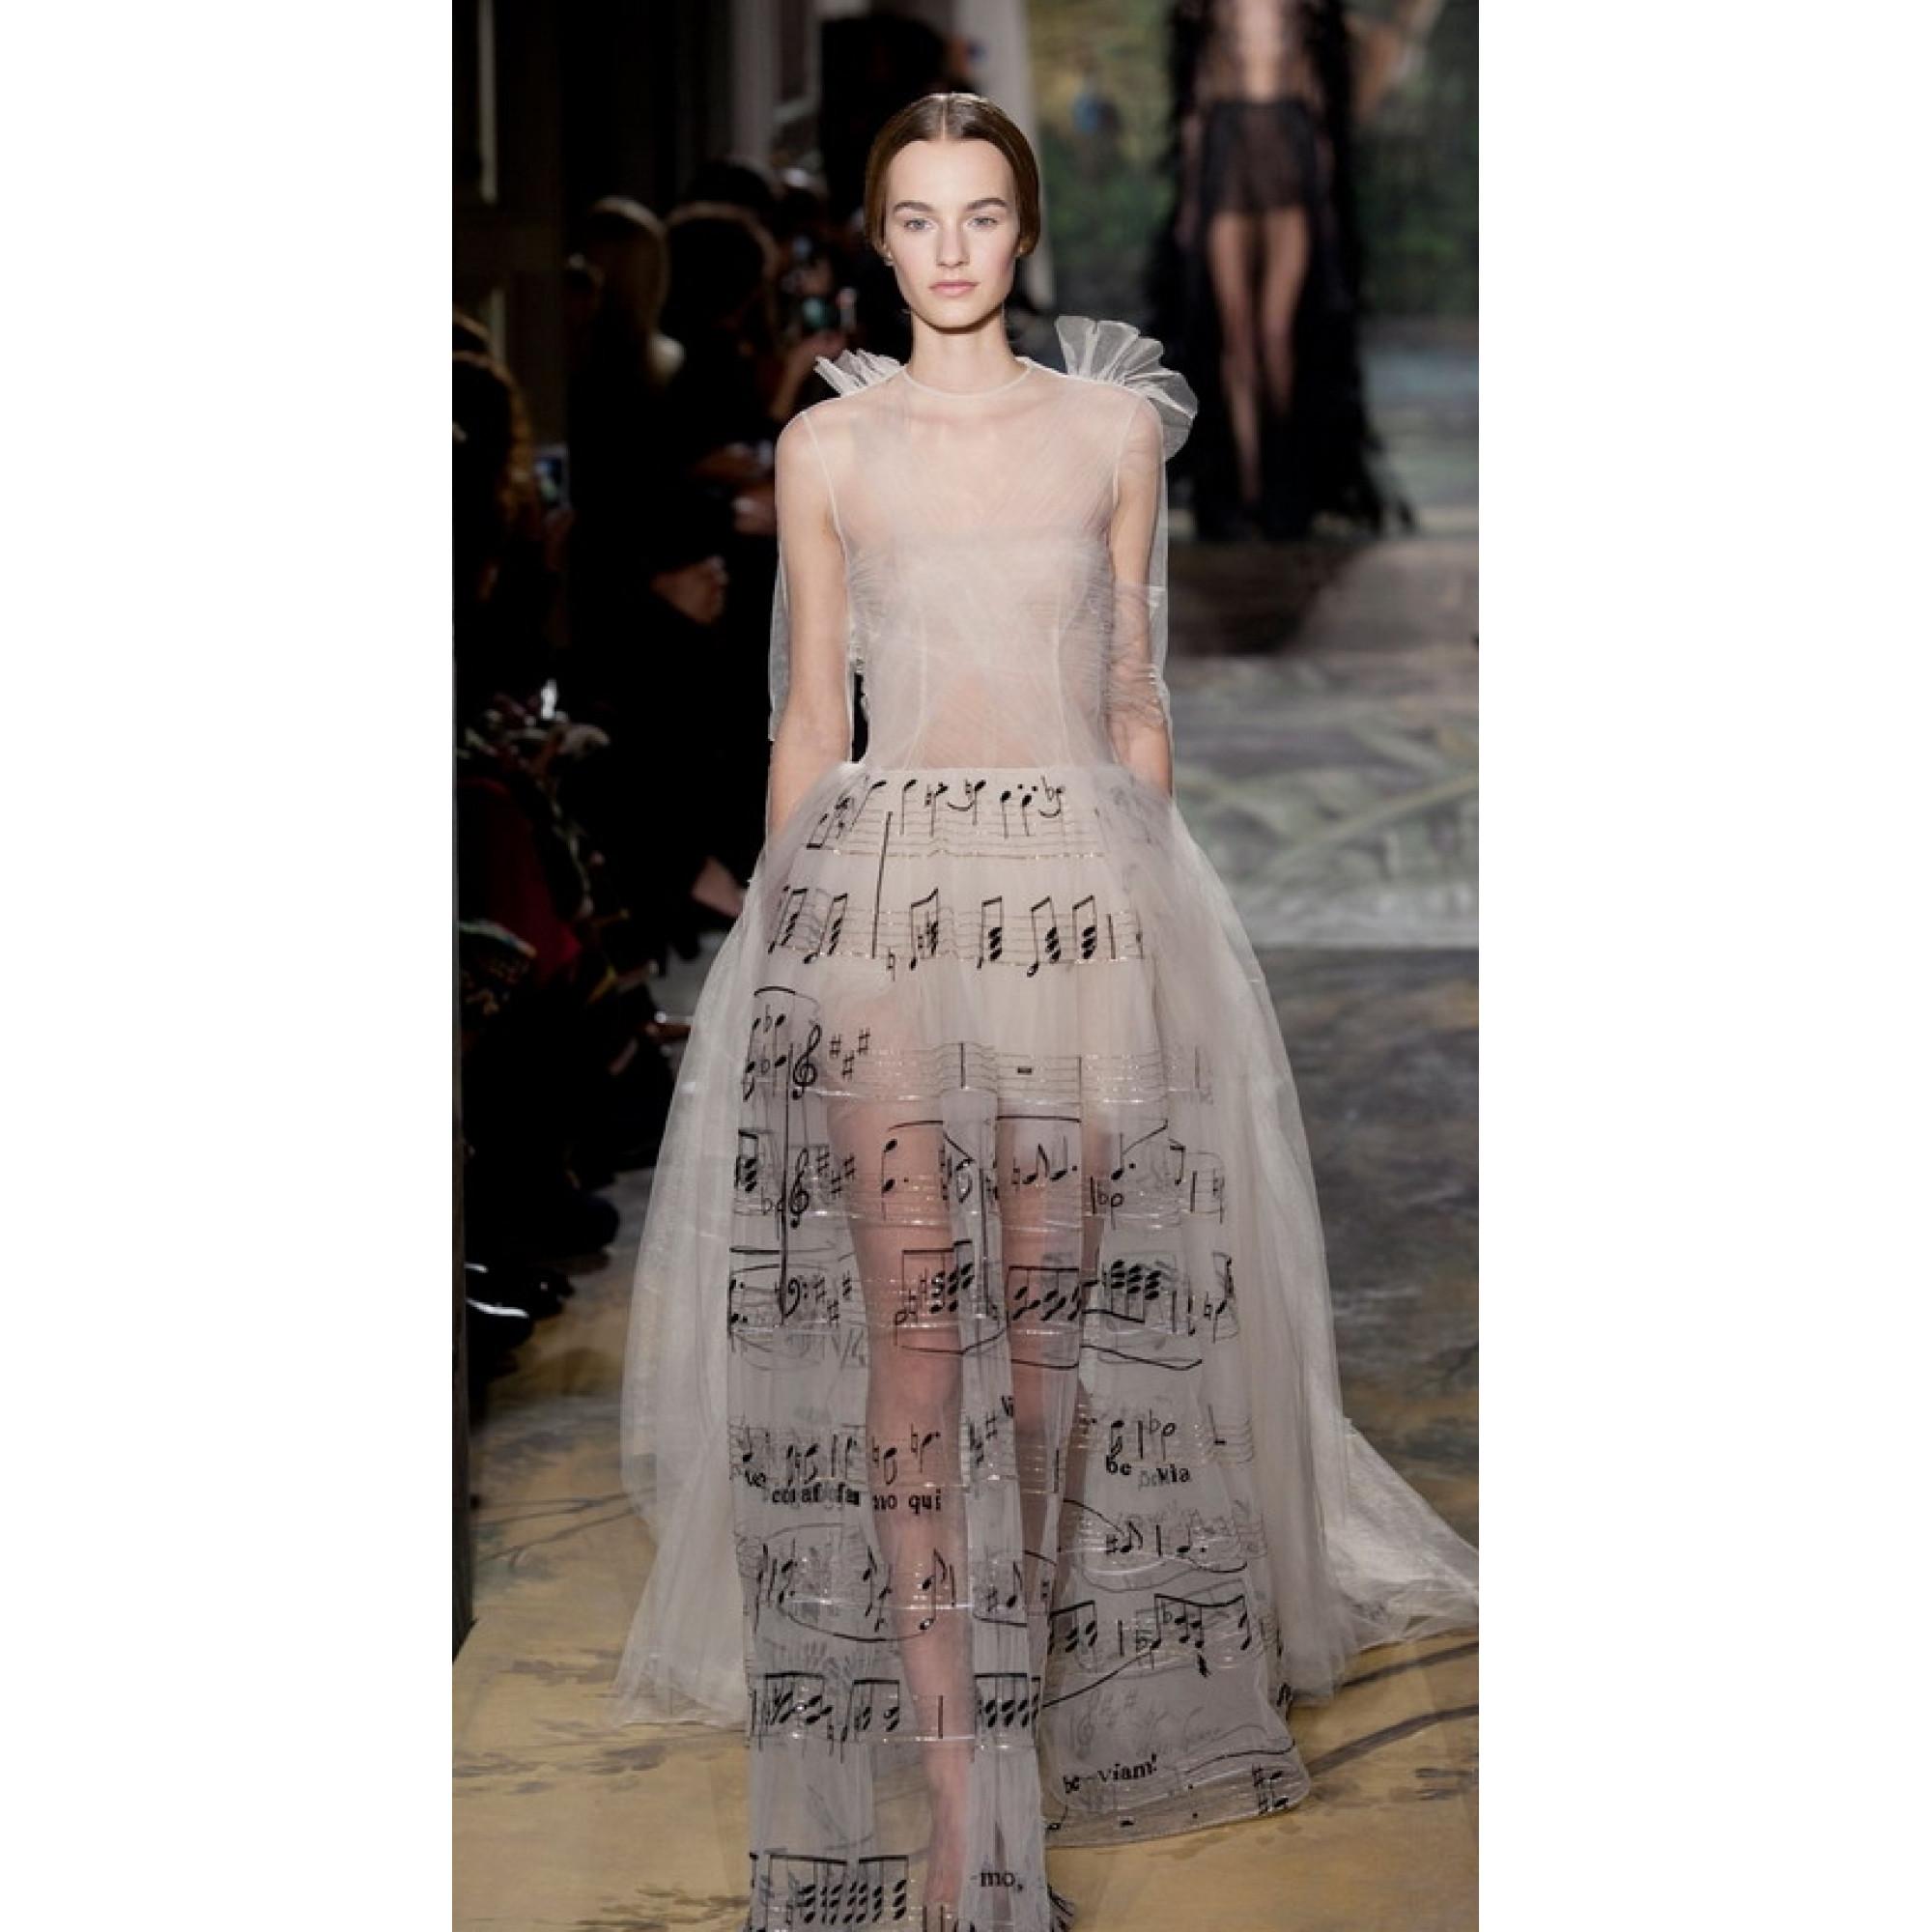 fc3dc0904e87 Платье с нотами от Valentino